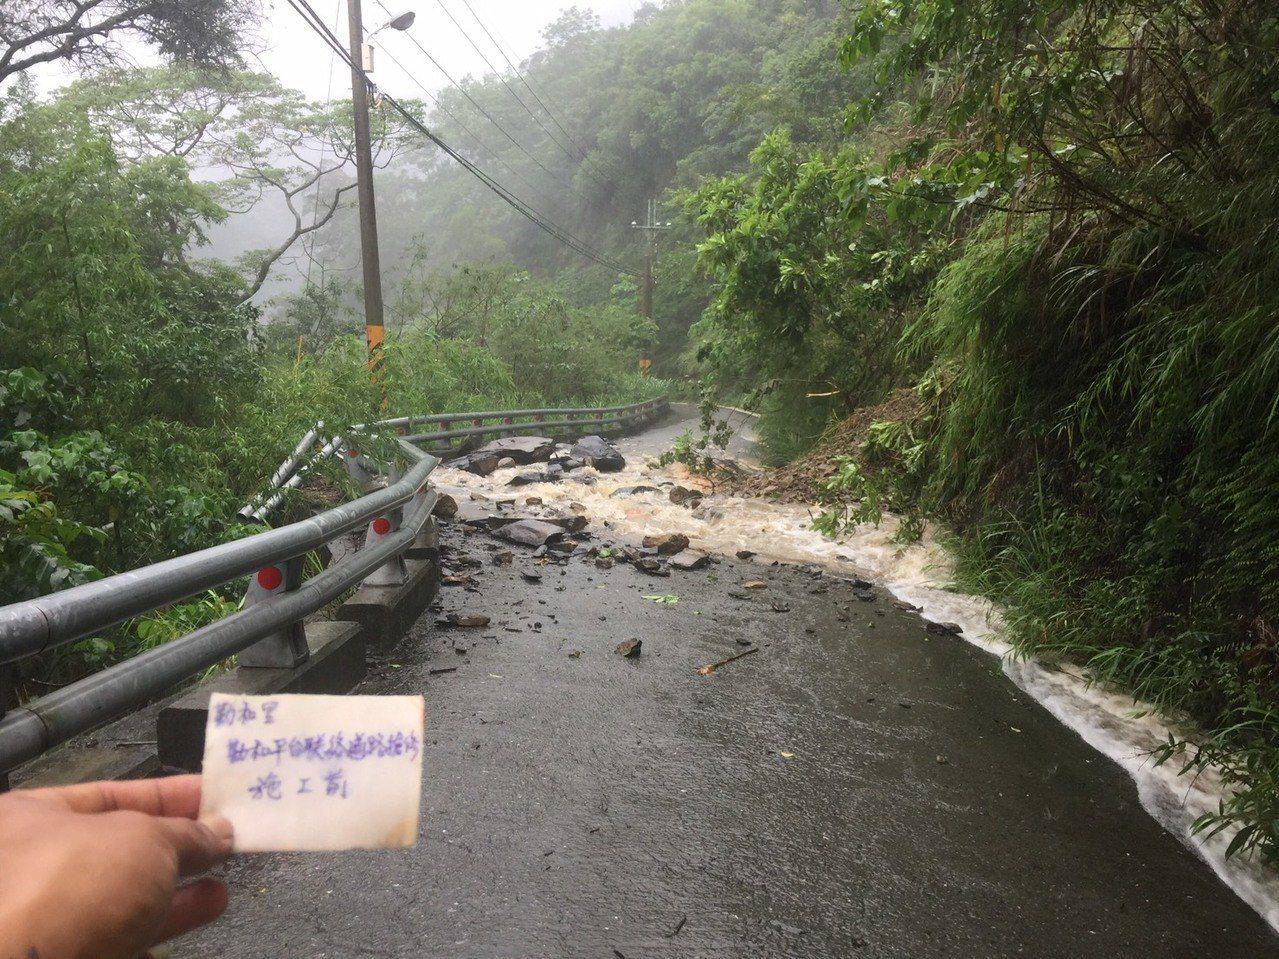 高雄桃源區雨勢不斷,勤和里聯外路段發生零星坍方。圖/桃源區公所提供